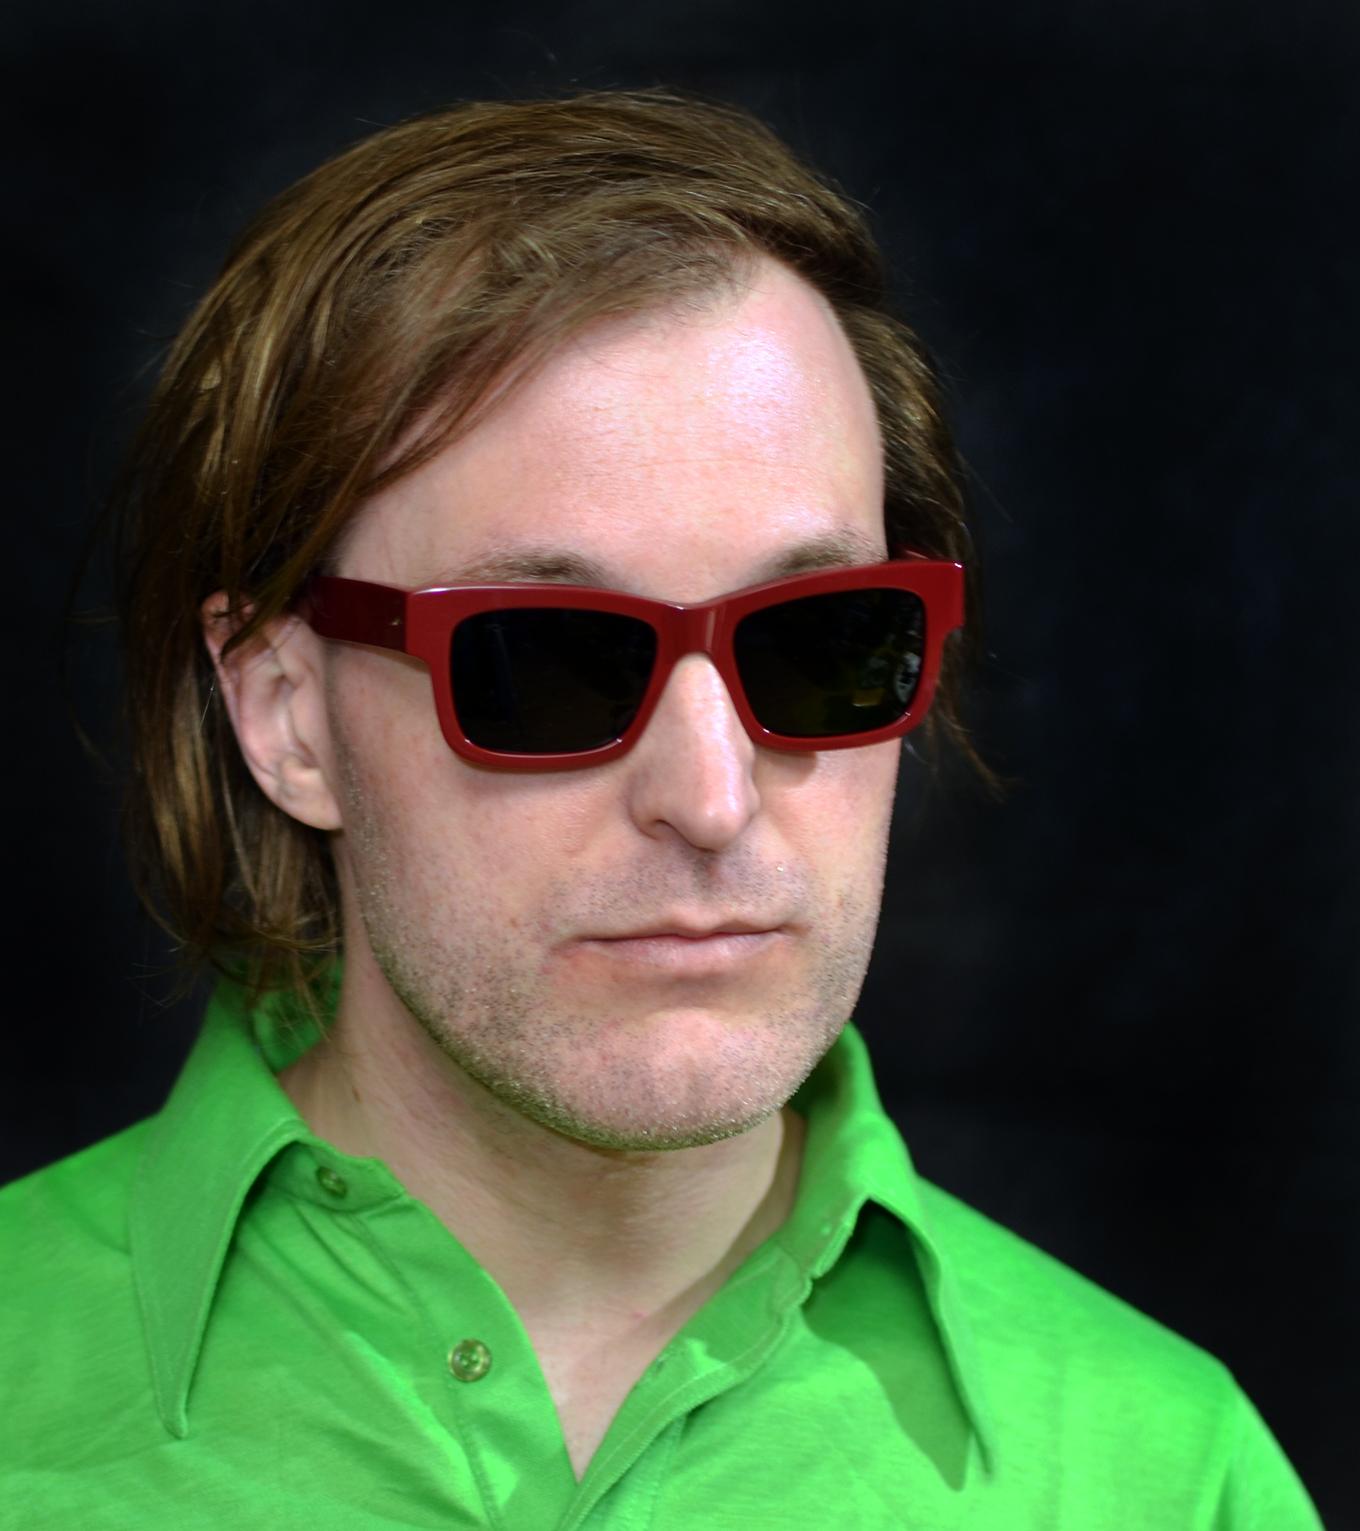 d-infrared-3d-dot-matrix-facial-mapping-sunglasses-irpair-phantom.jpg